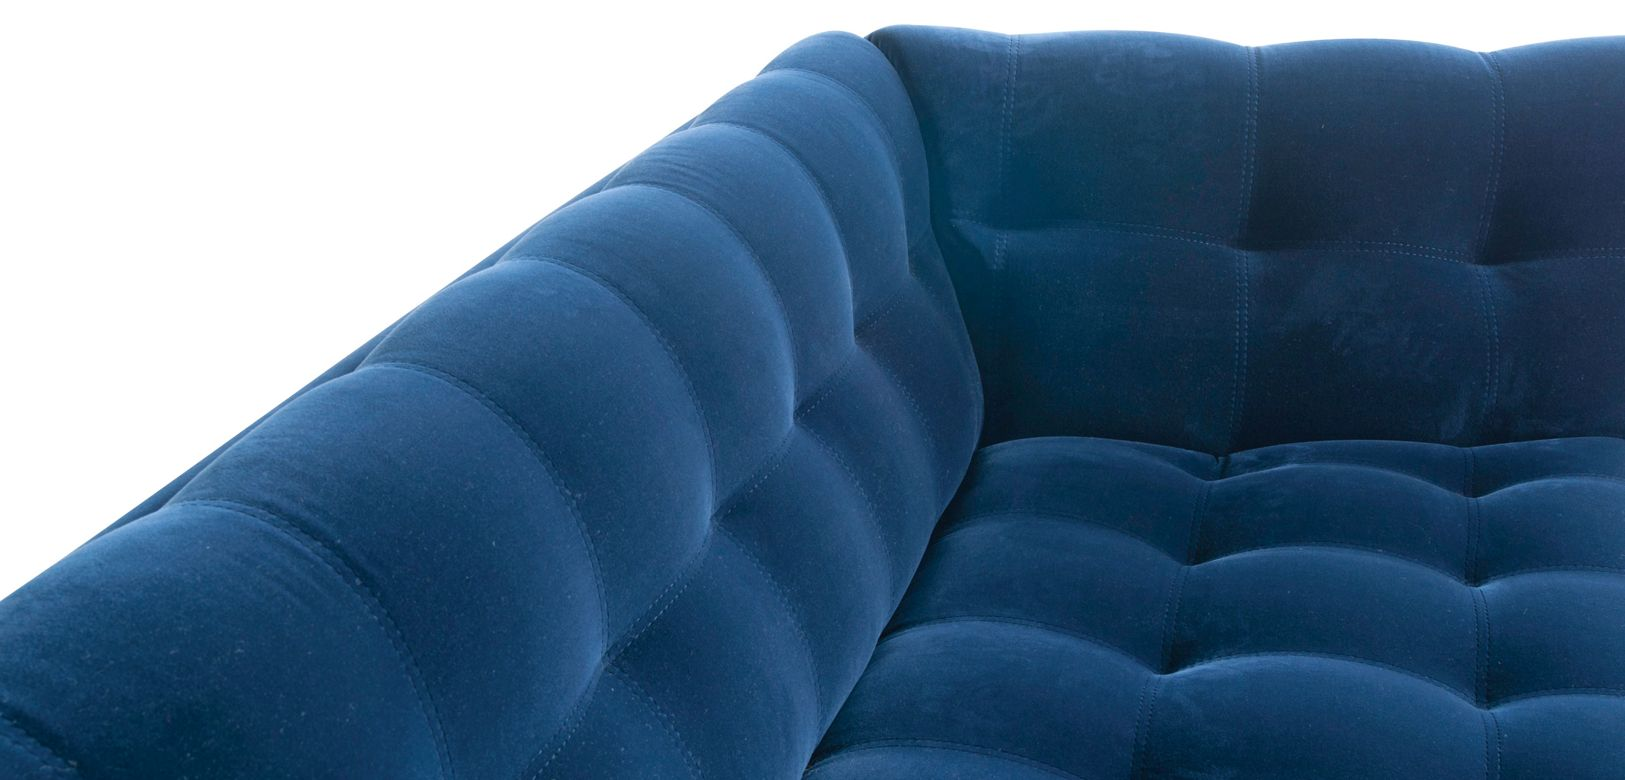 grand canap 4 places profile collection nouveaux classiques roche bobois. Black Bedroom Furniture Sets. Home Design Ideas